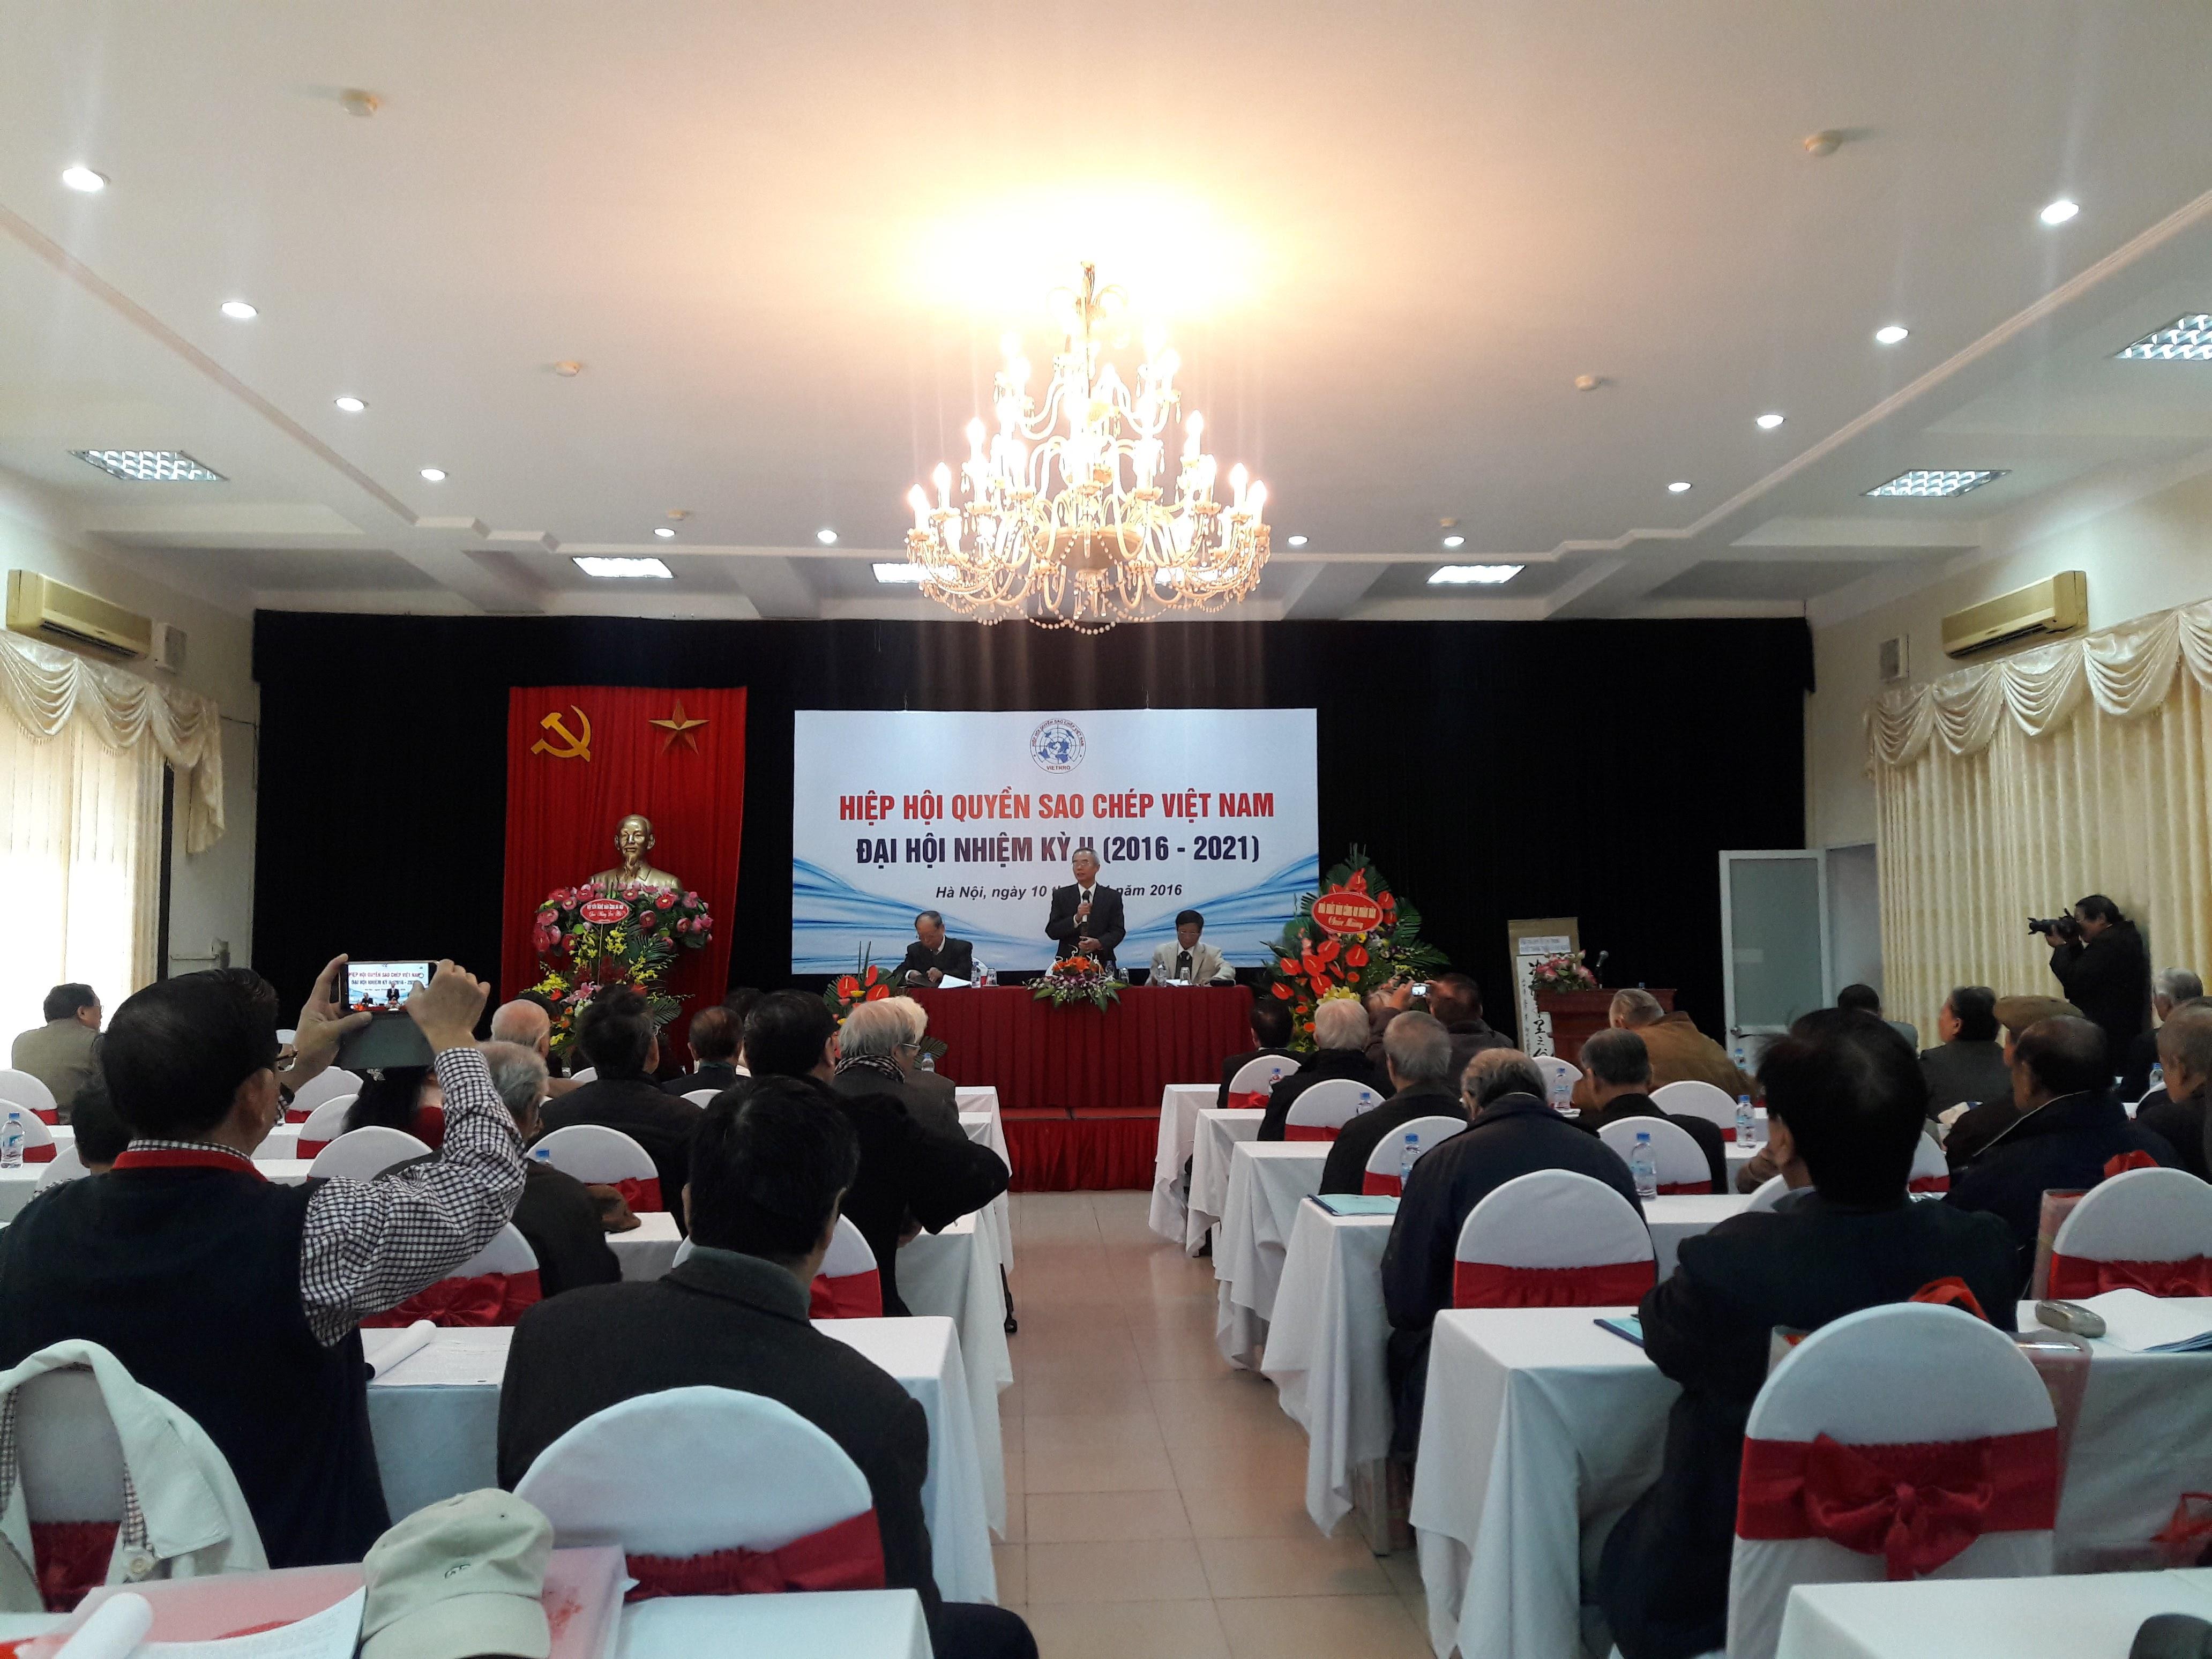 Luật sư Phạm Duy Khương từ SBLAW trúng cử ban chấp hành Hiệp hội quyền sao chép Việt Nam